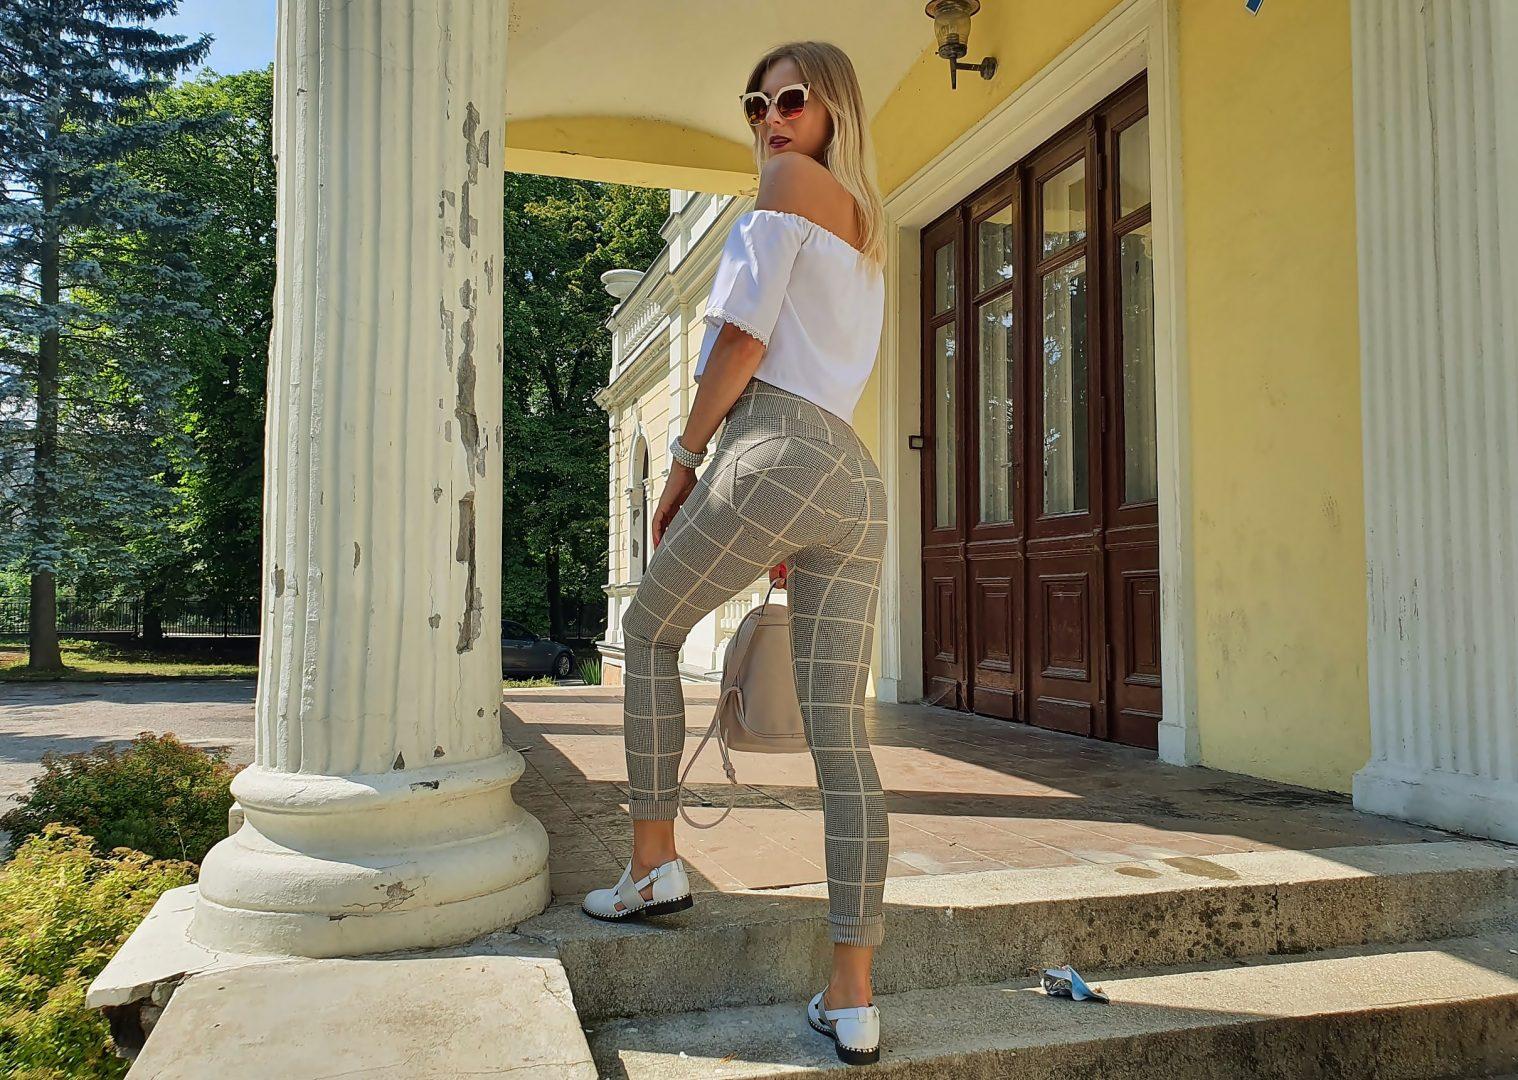 spodnie modelujące pośladki